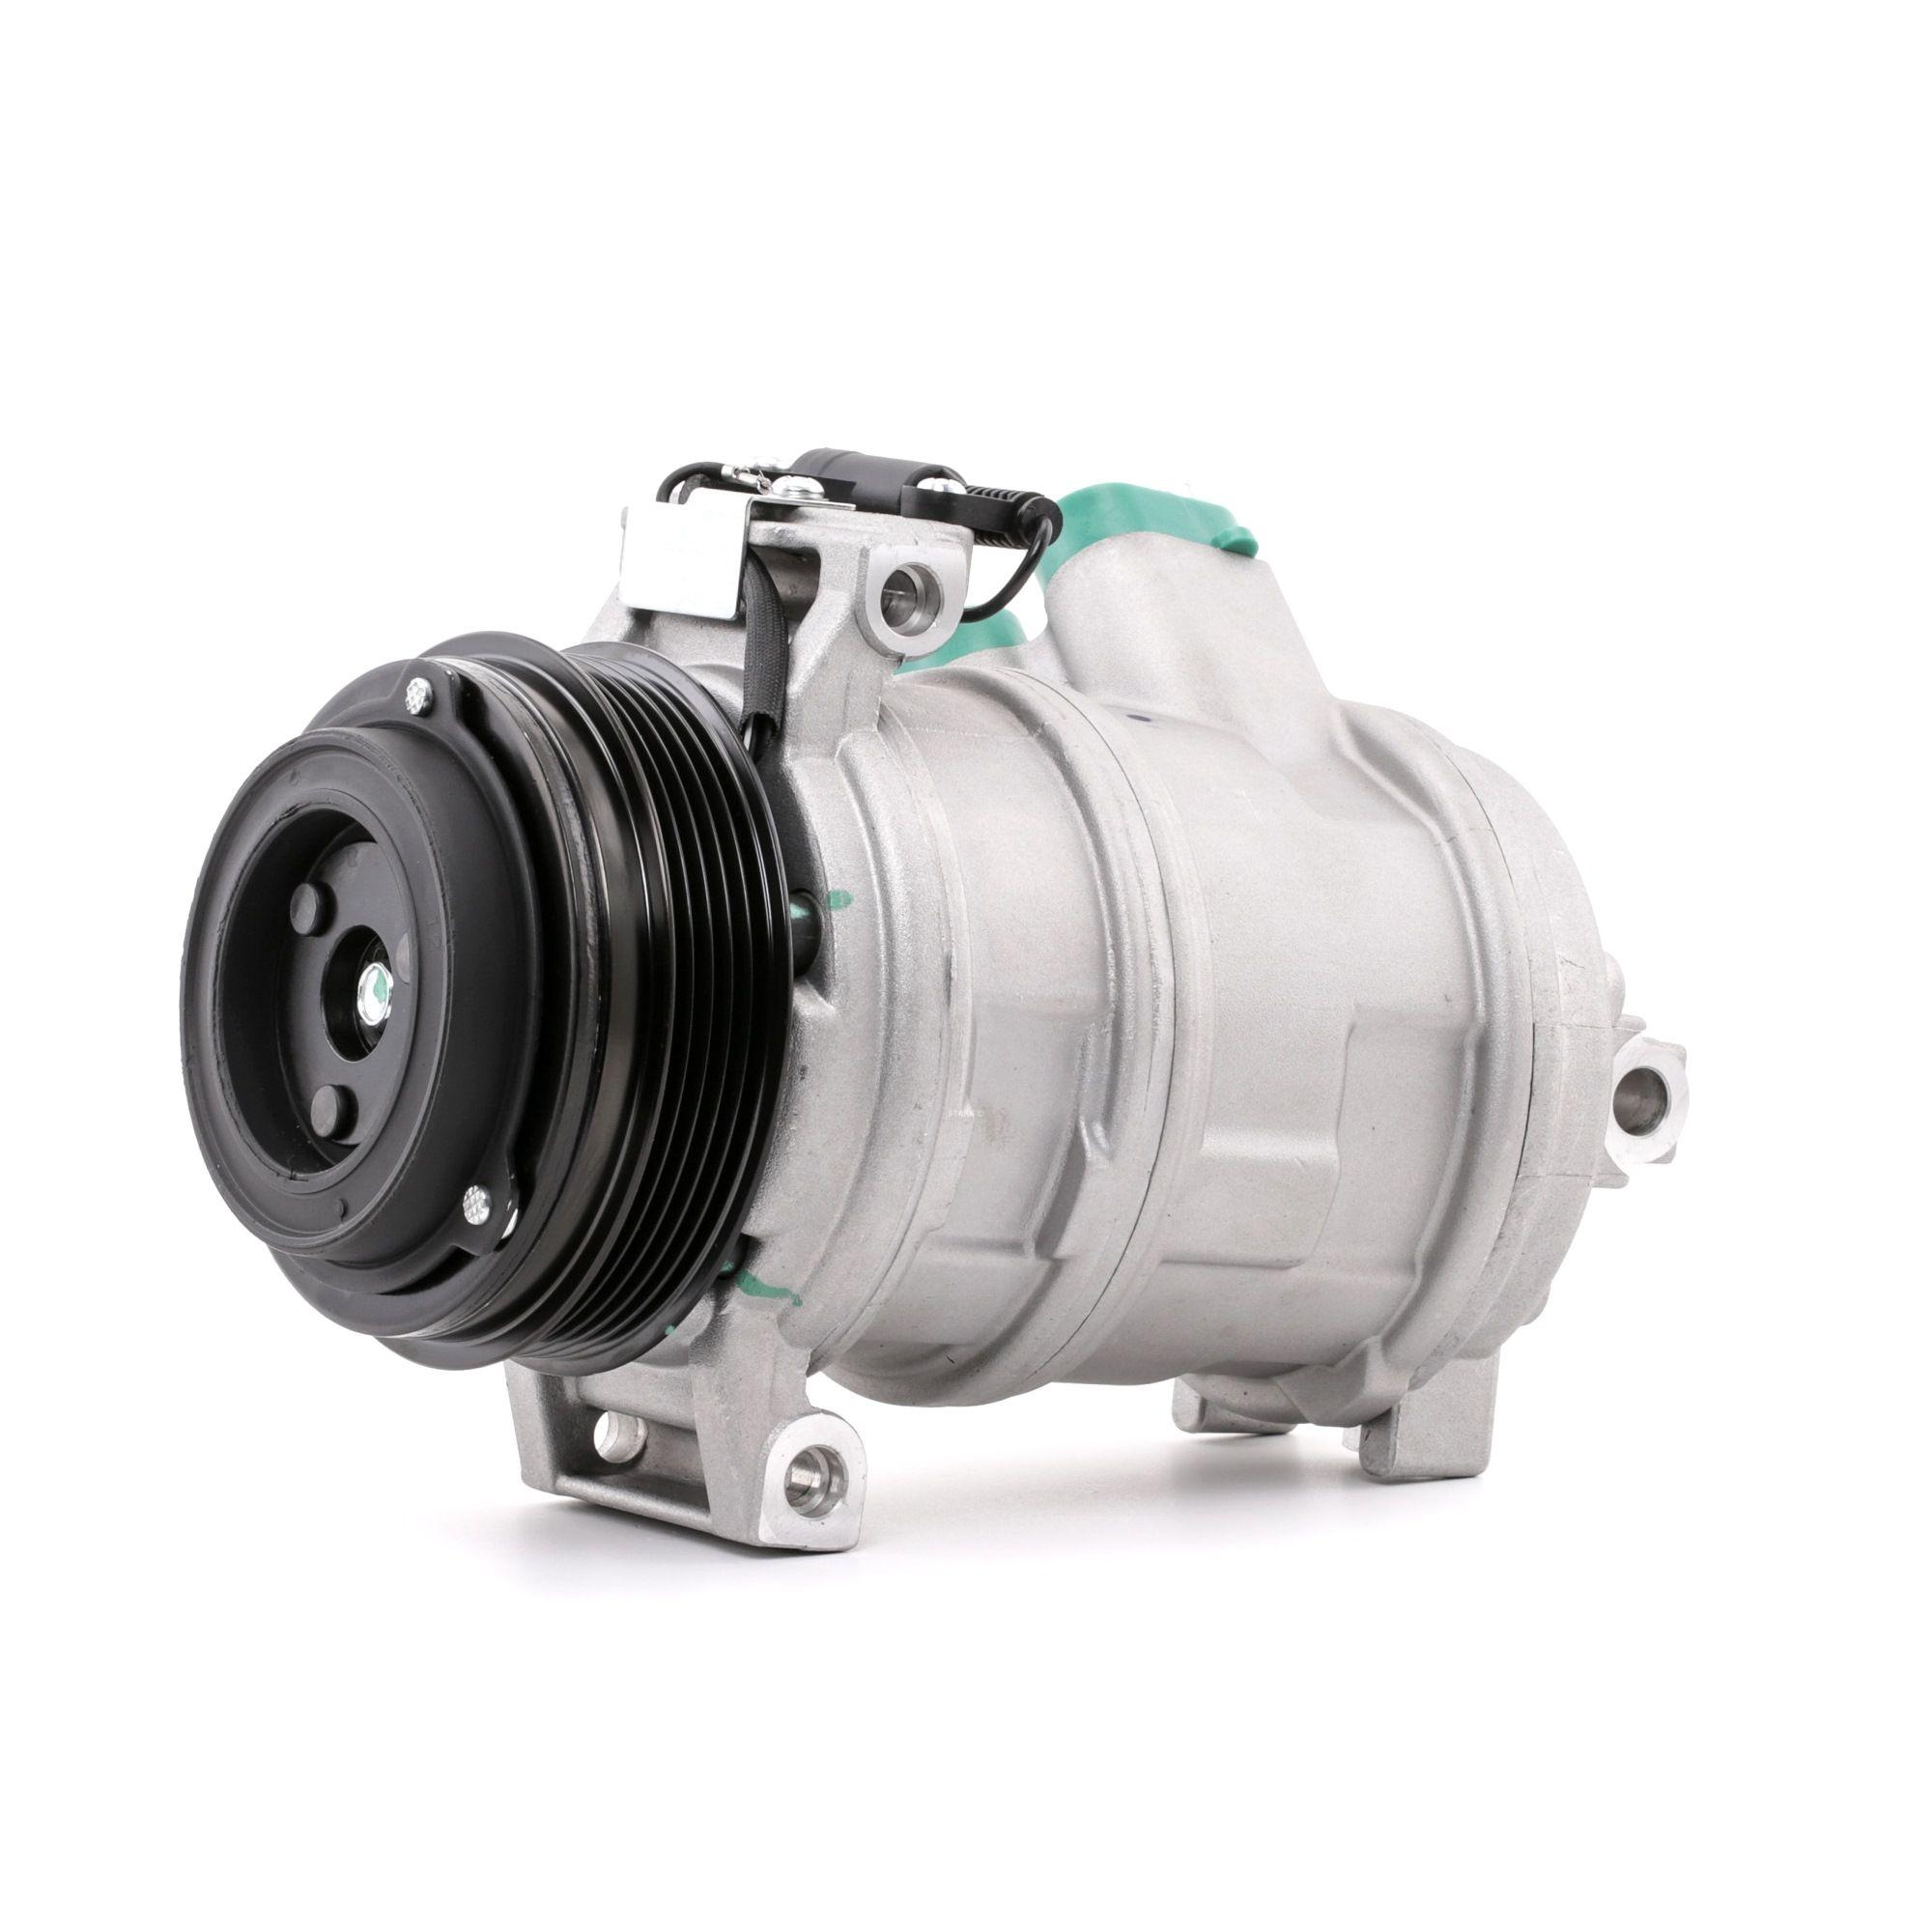 Original LAND ROVER Kompressor Klimaanlage SKKM-0340035